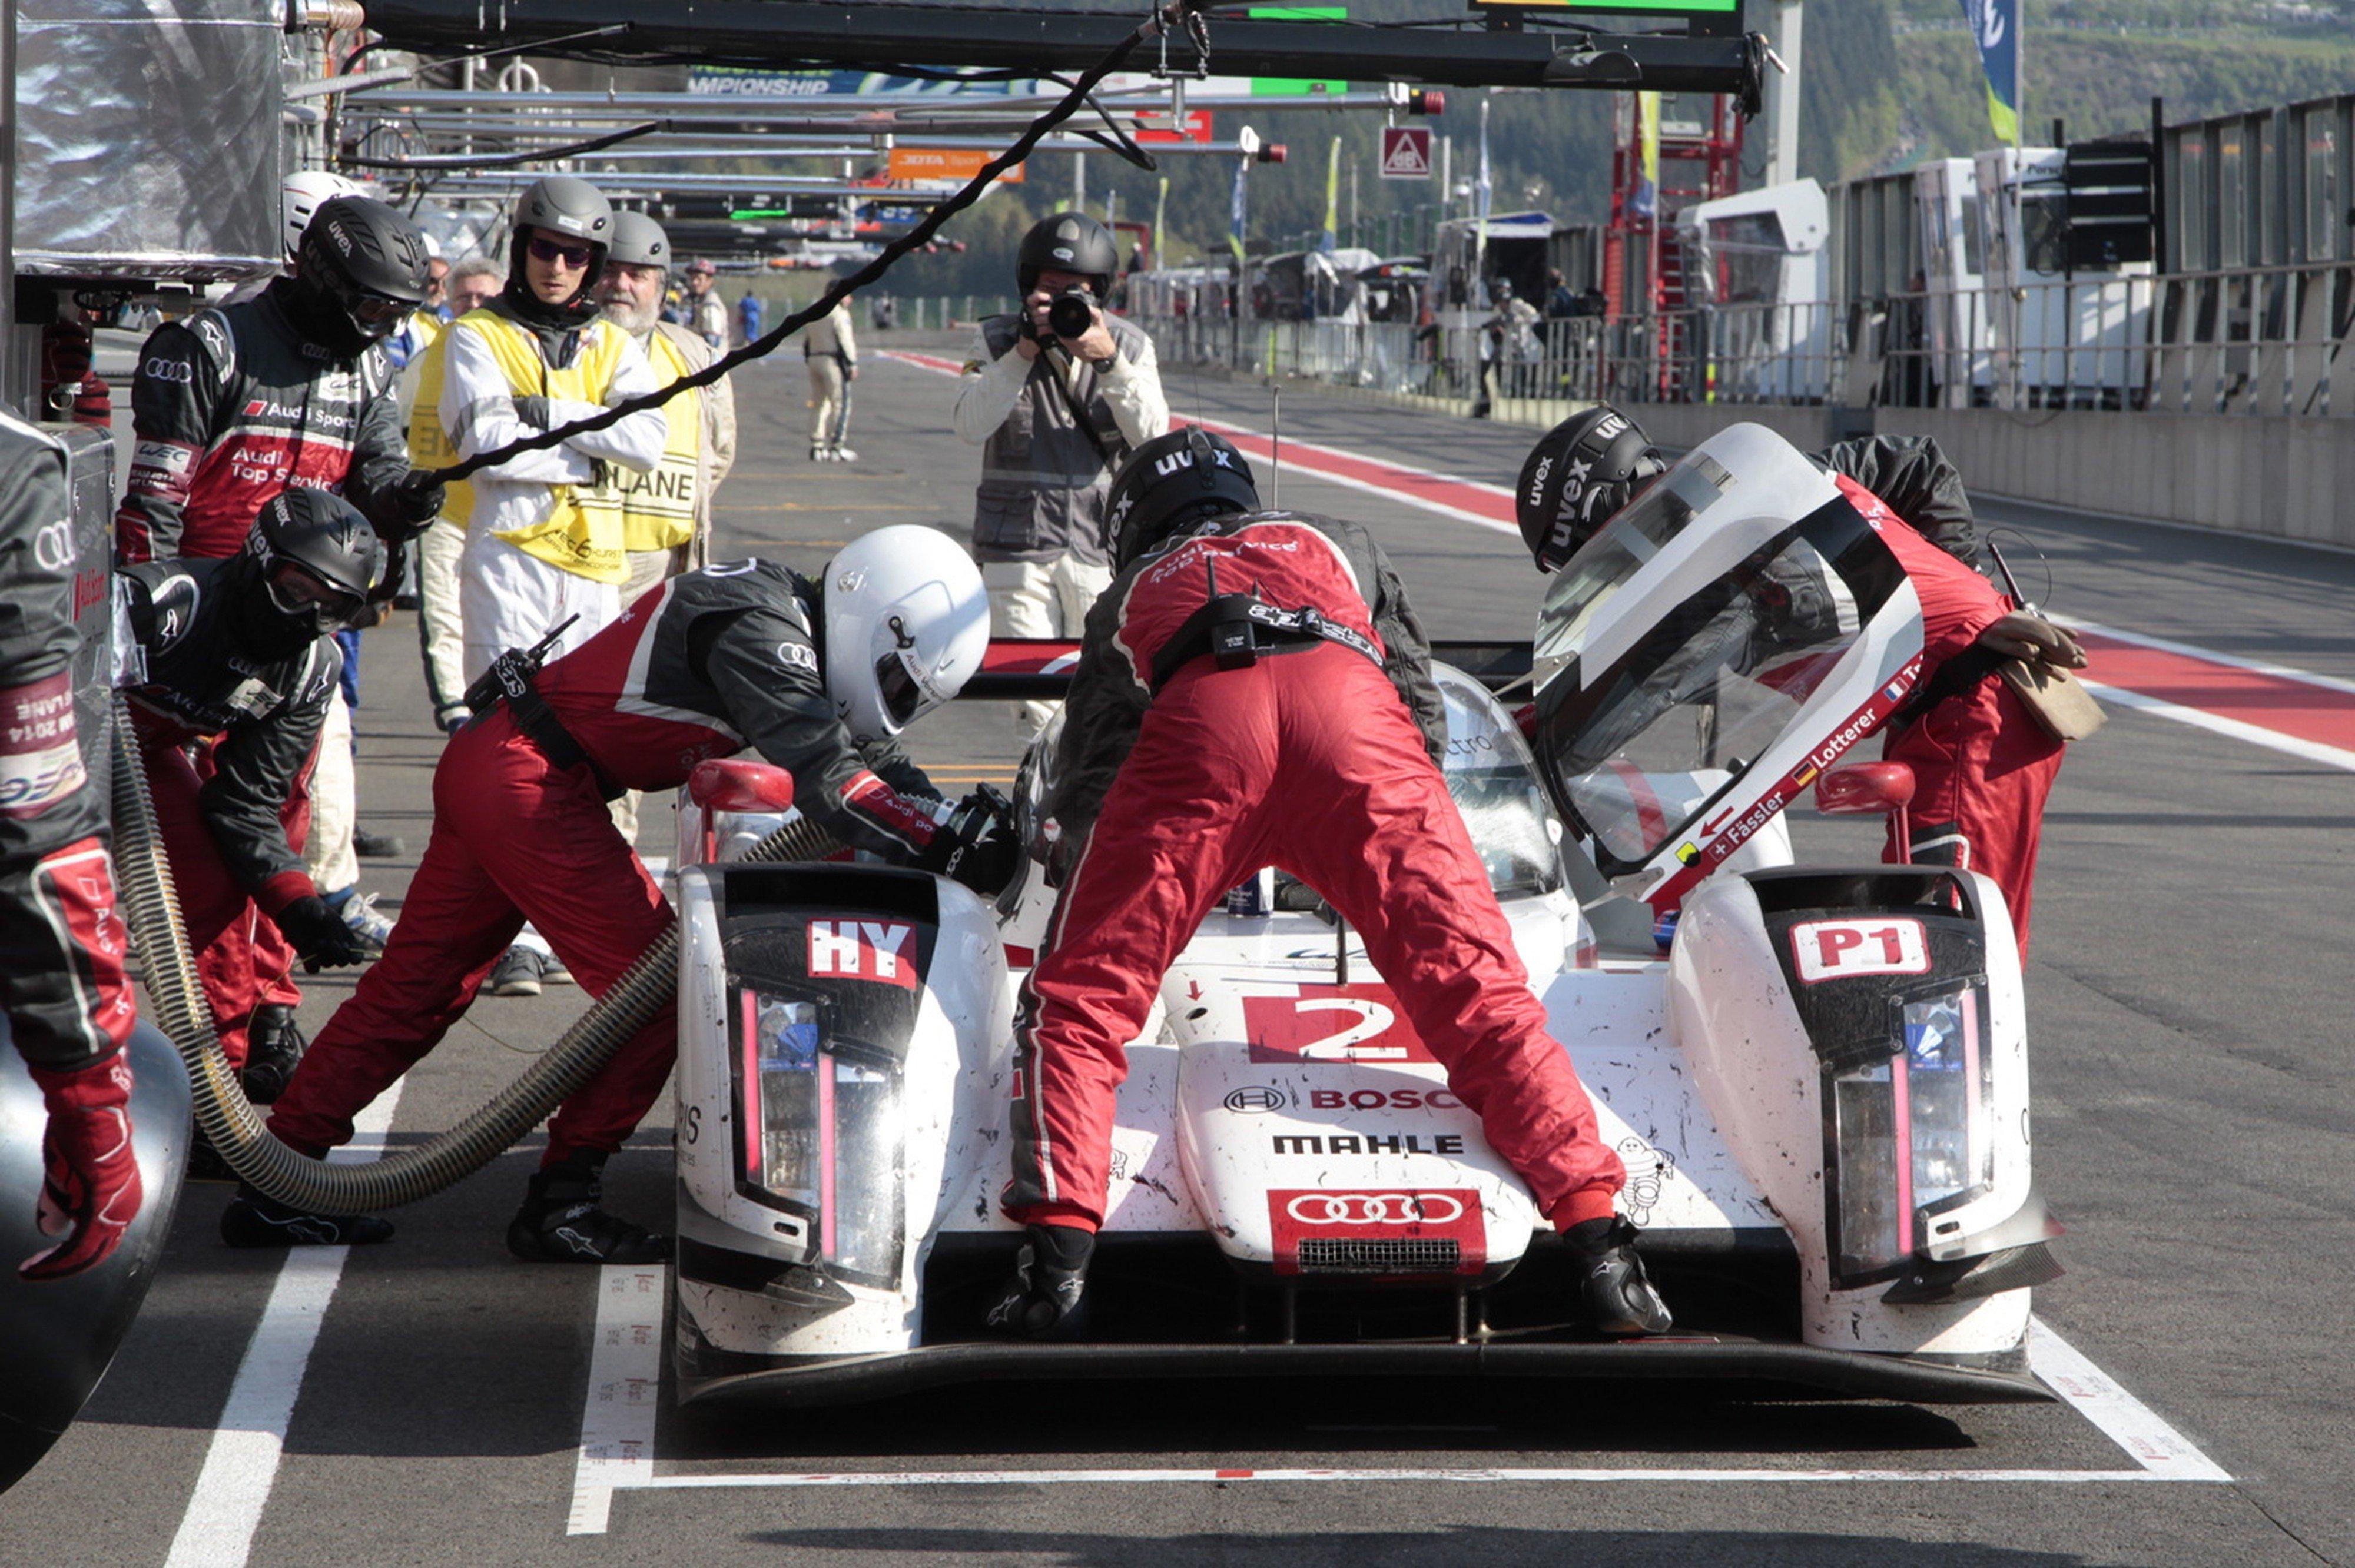 2014 Wec 6 Heures De Spa Francorchamps Car Race Belgium Racing